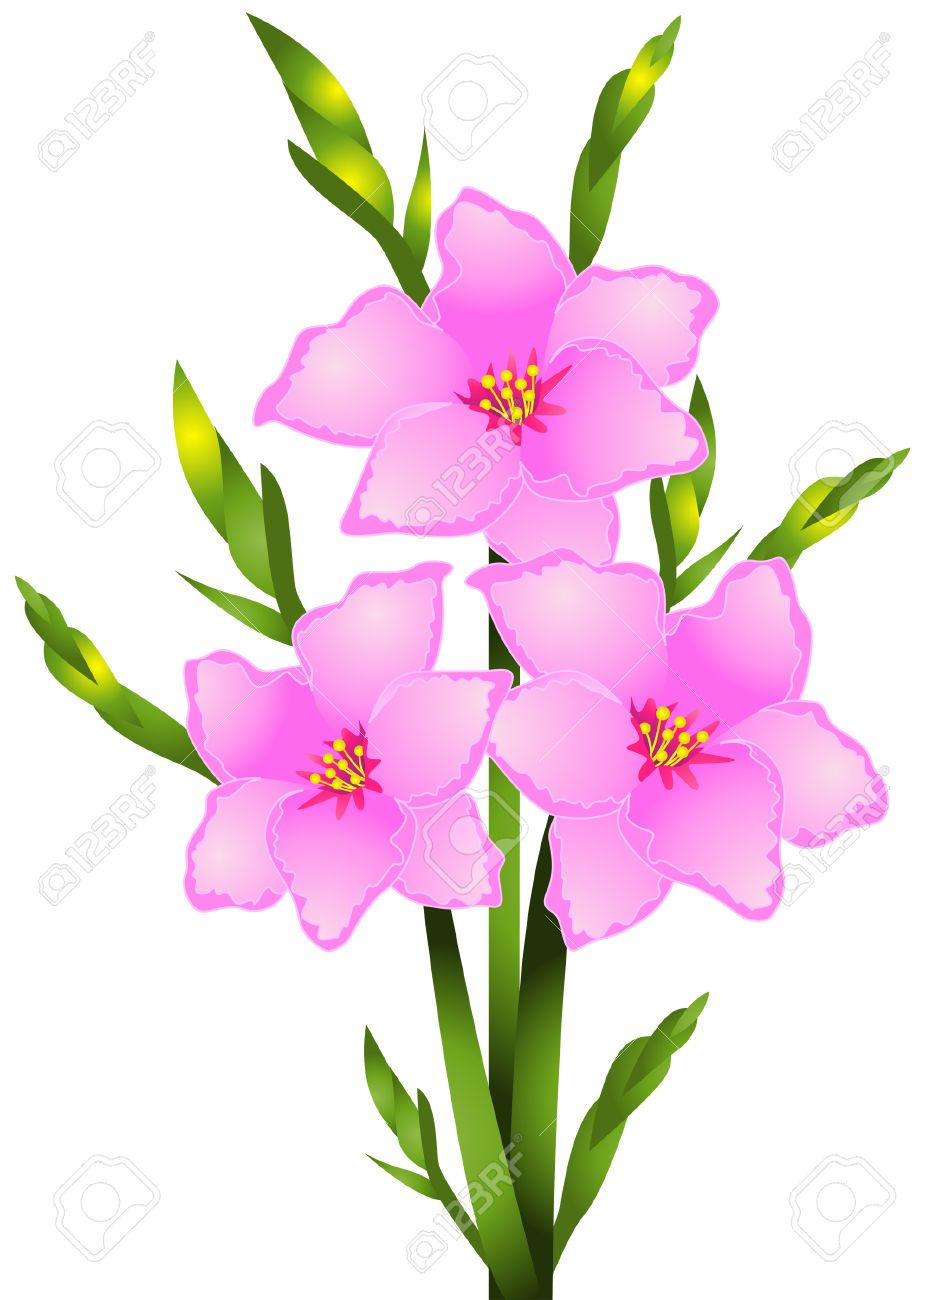 Image Result For Gladiolus Flower Outline Flower Clipart Gladiolus Flower Flower Outline